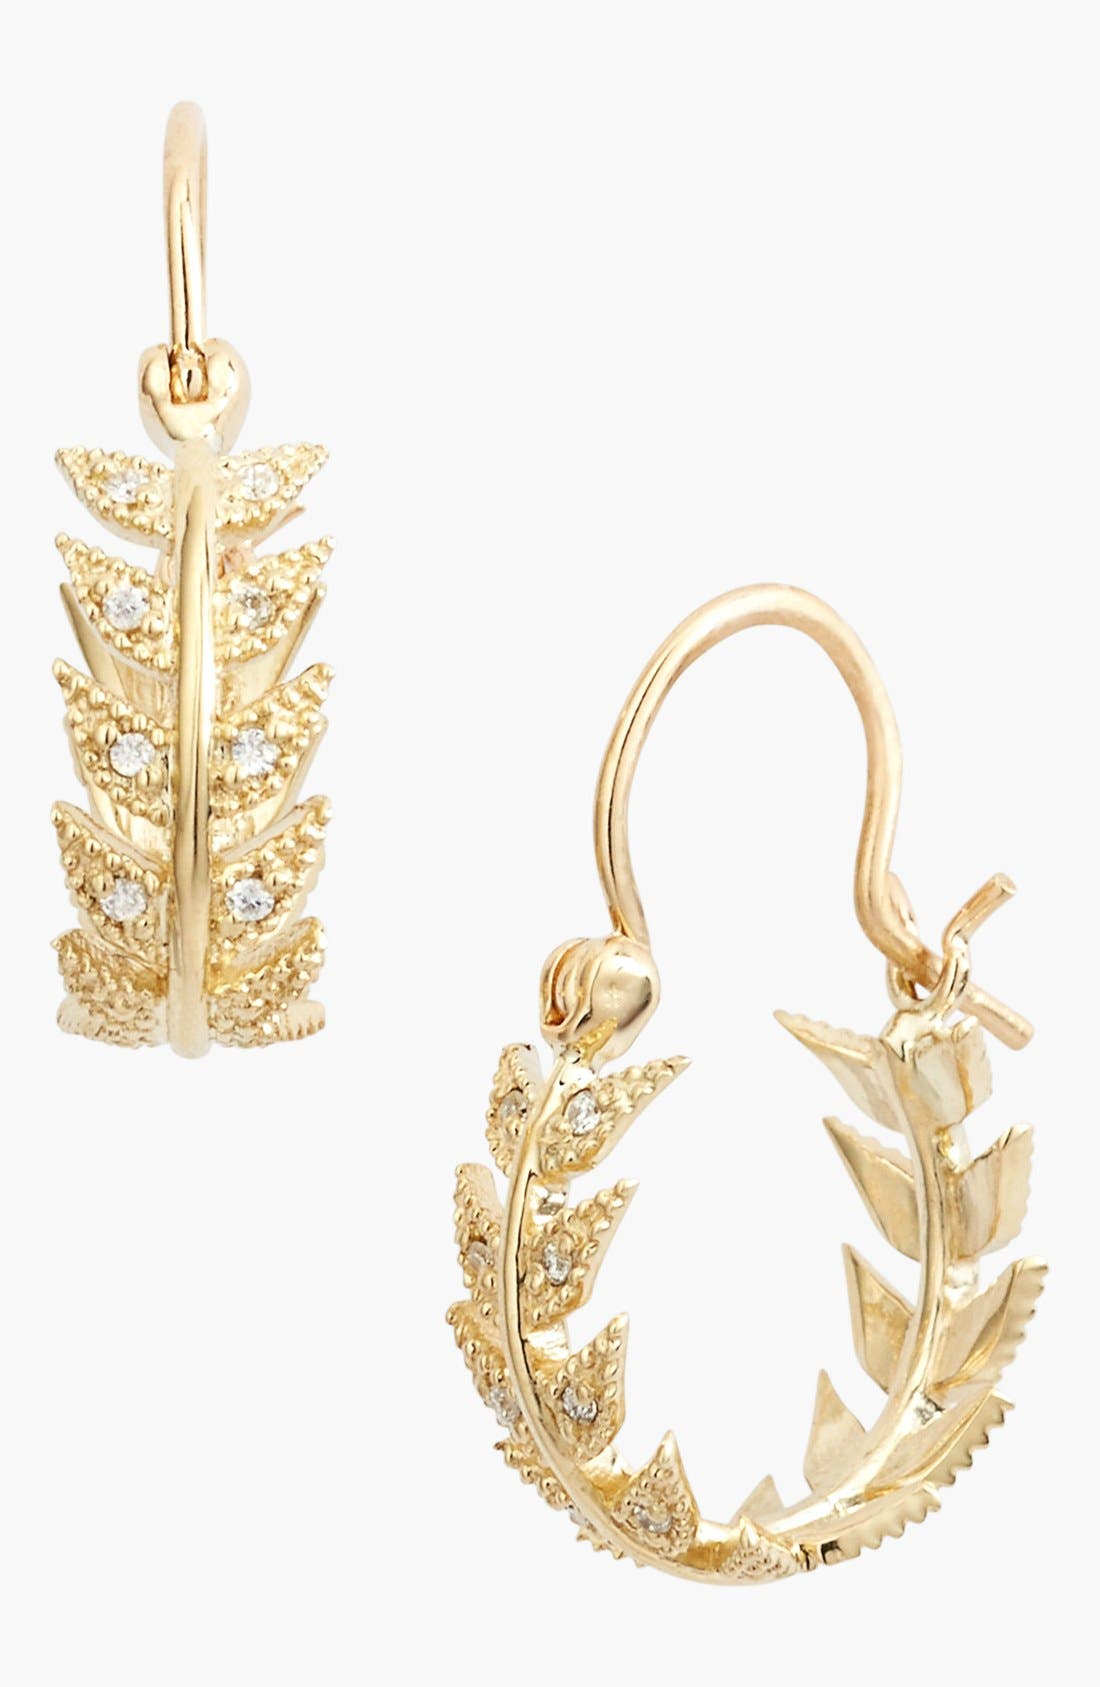 Alternate Image 1 Selected - Mizuki 'Wings of Desire' Diamond Feather Hoop Earrings